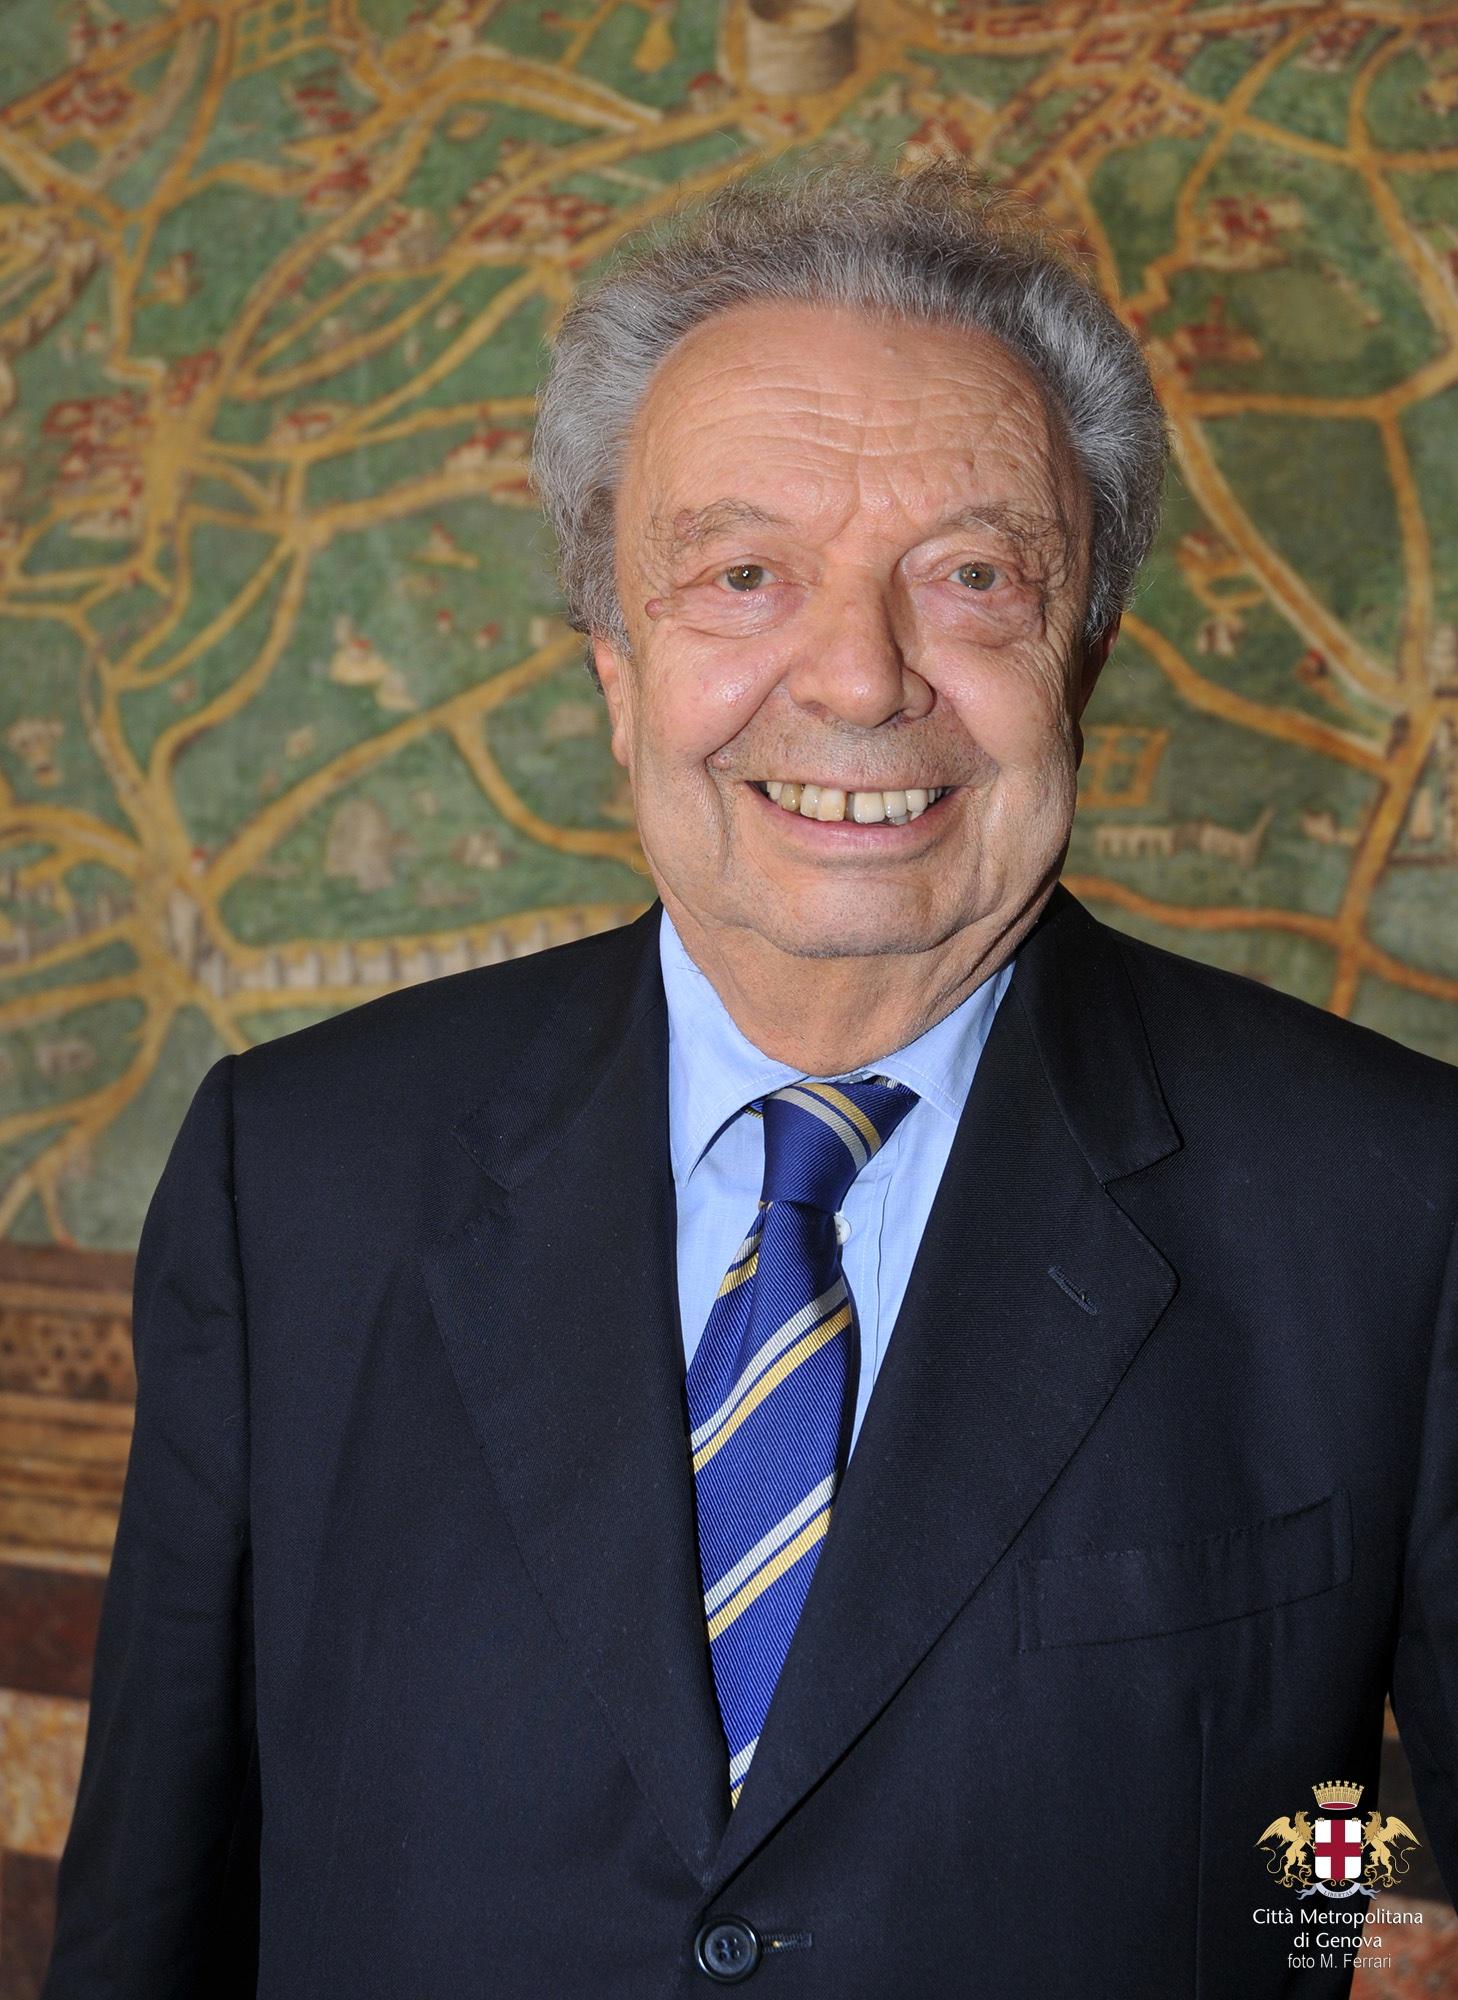 Elvio Varni